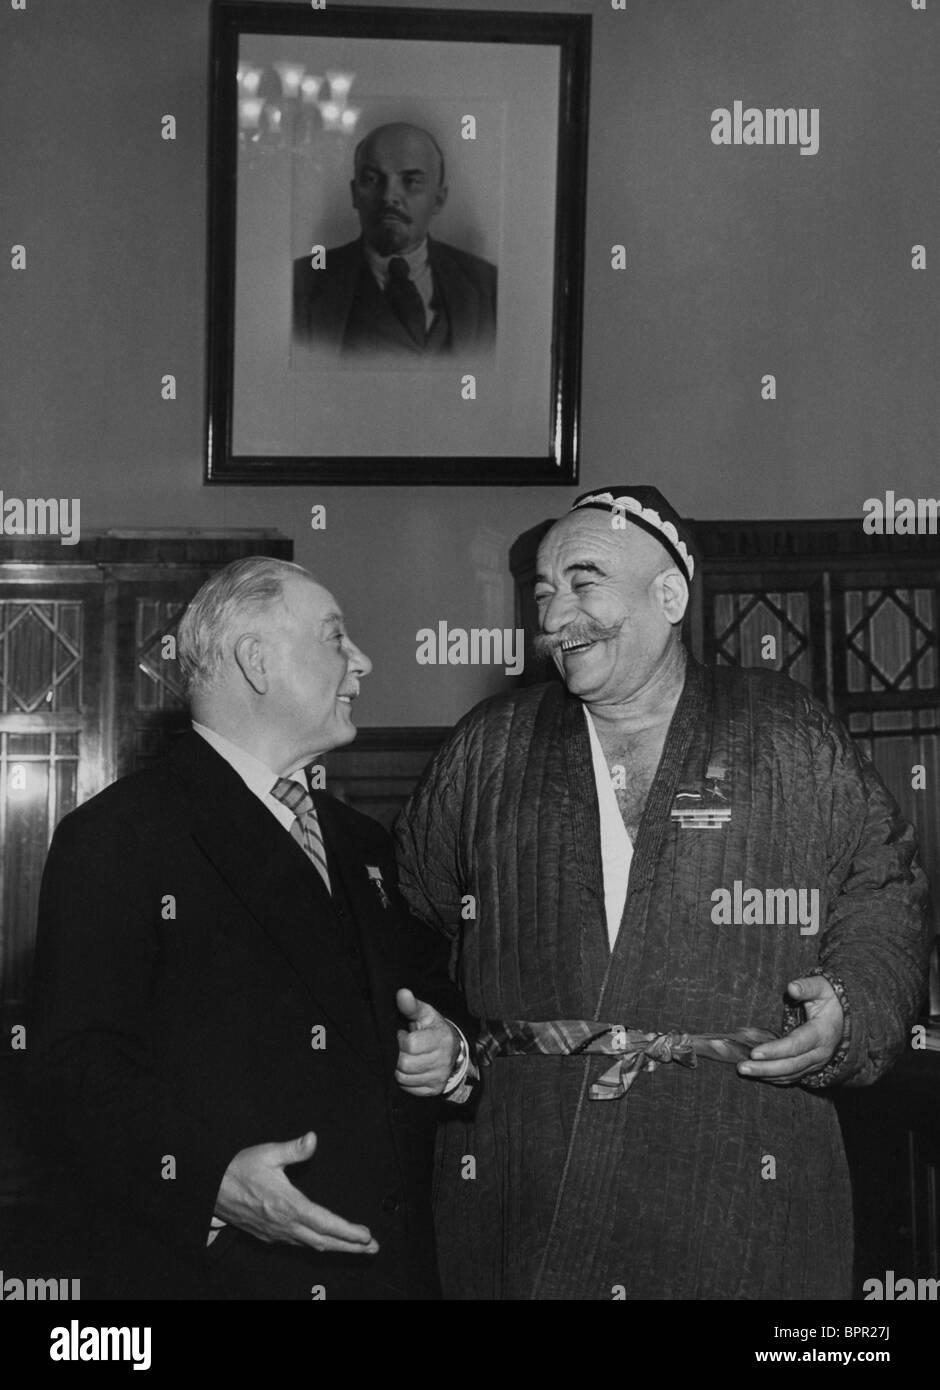 Kliment Voroshilov presents awards, 1955 Stock Photo